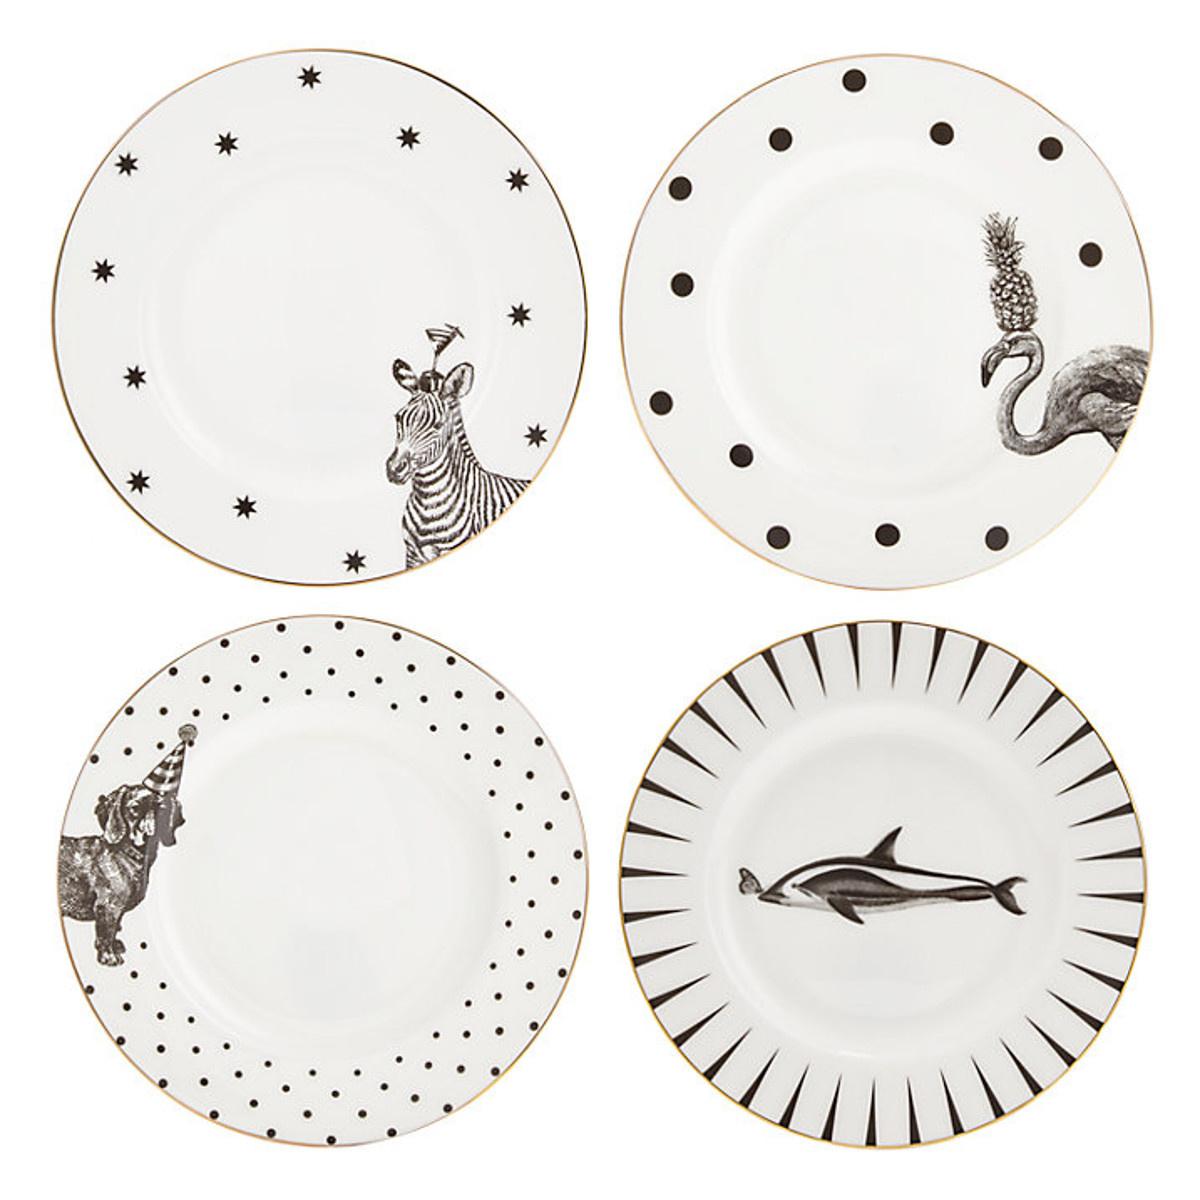 Yvonne Ellen Yvonne Ellen London Monochrome Set de 4 Assiettes Ø 16 cm - 4 Animaux - Bone China Porcelaine - Boîte Cadeau